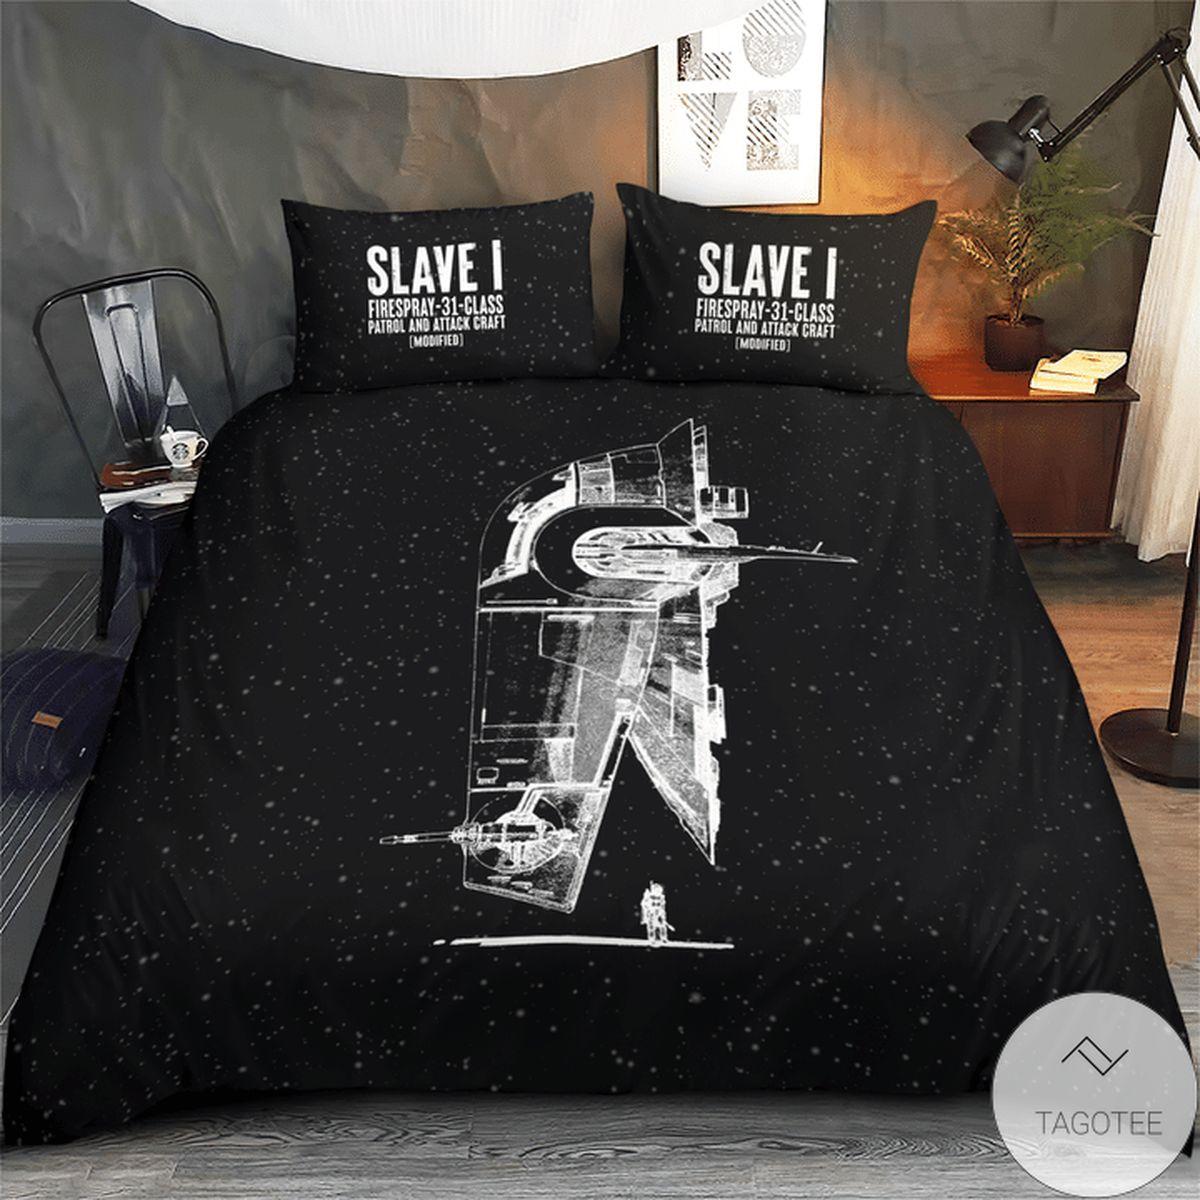 Star Wars Slave Bedding Set